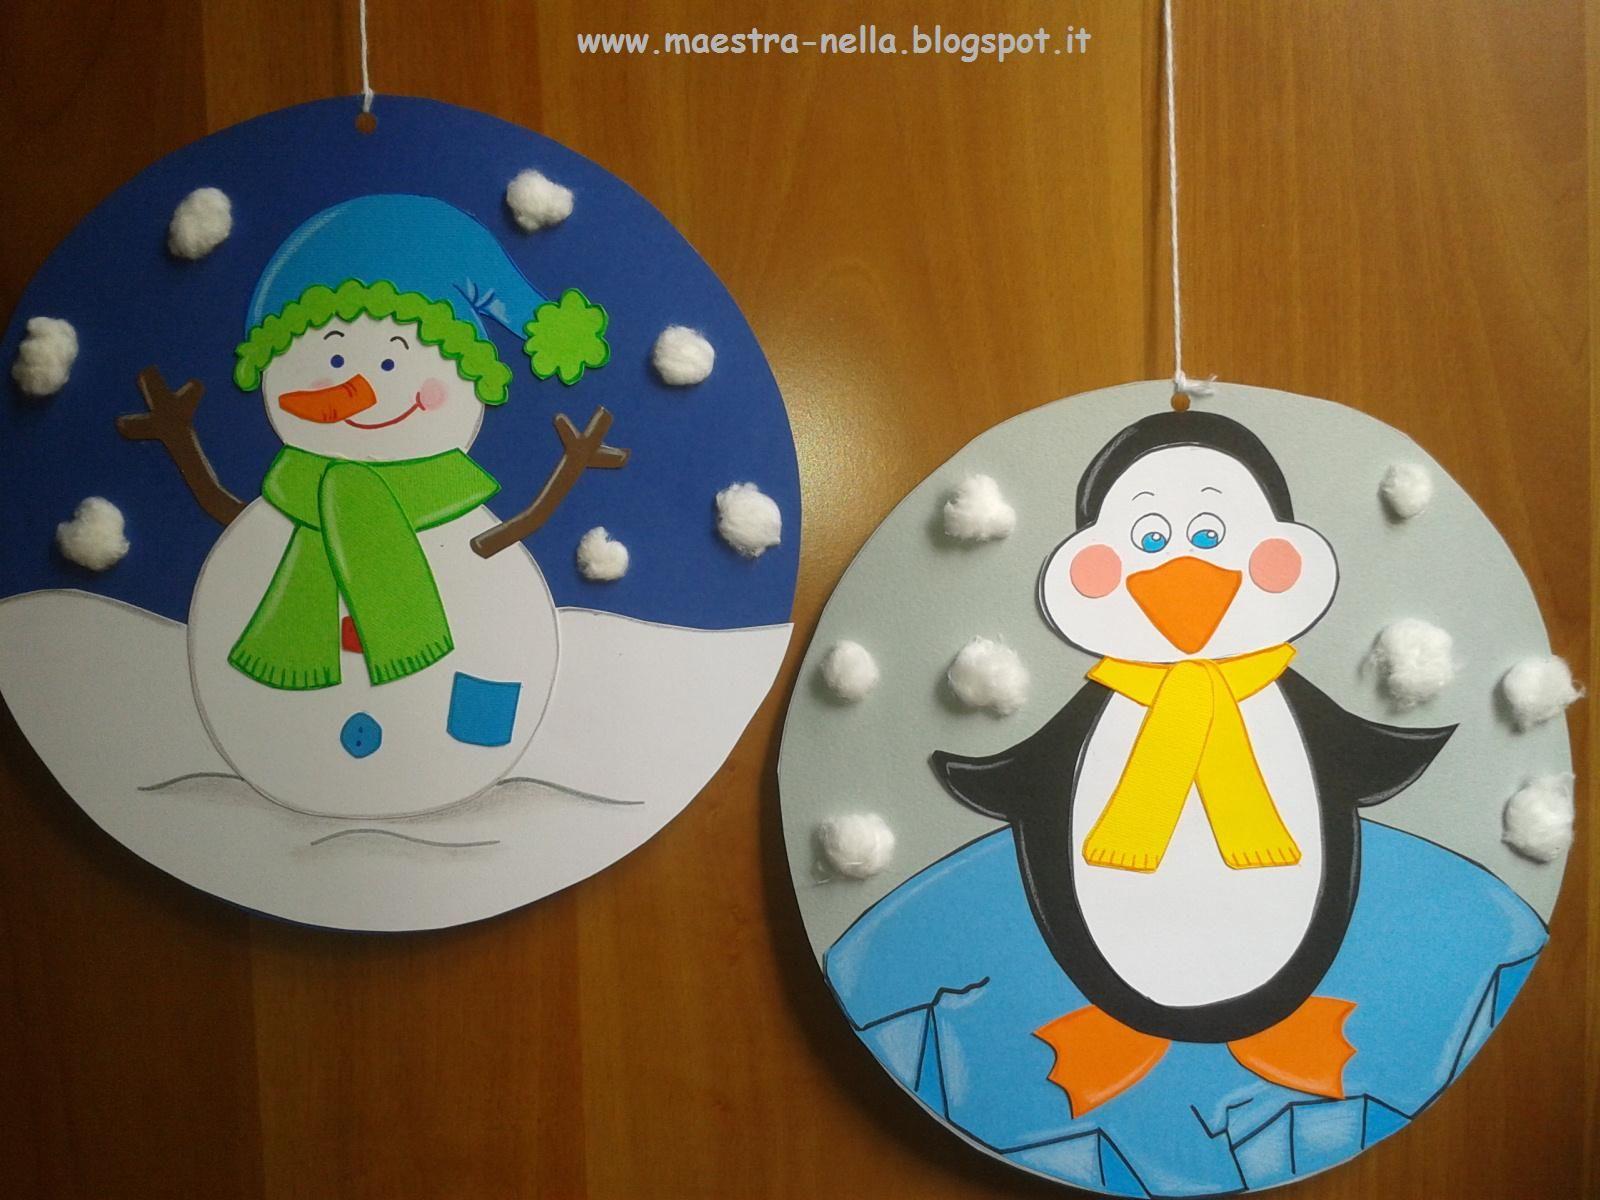 Maestra nella addobbi invernali lavoretti per bambini for Addobbi per la classe natale